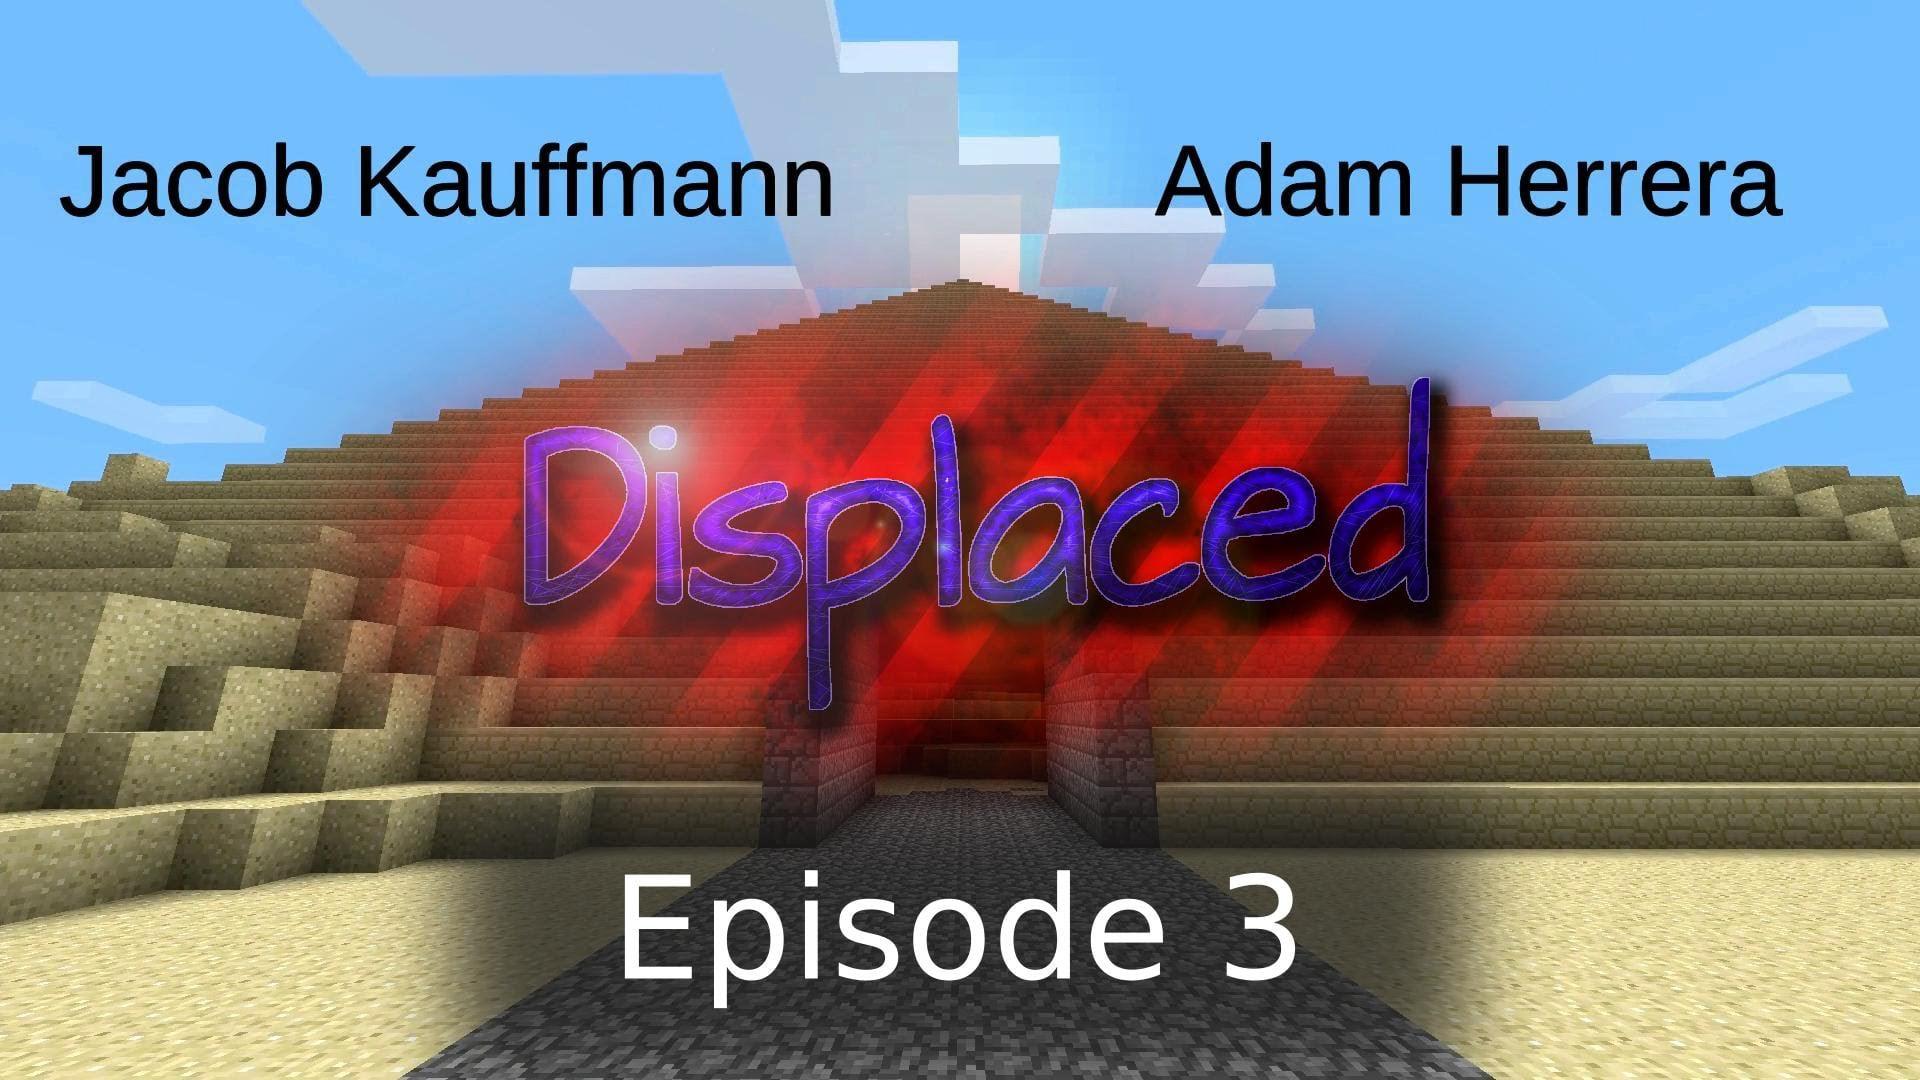 Episode 3 - Displaced